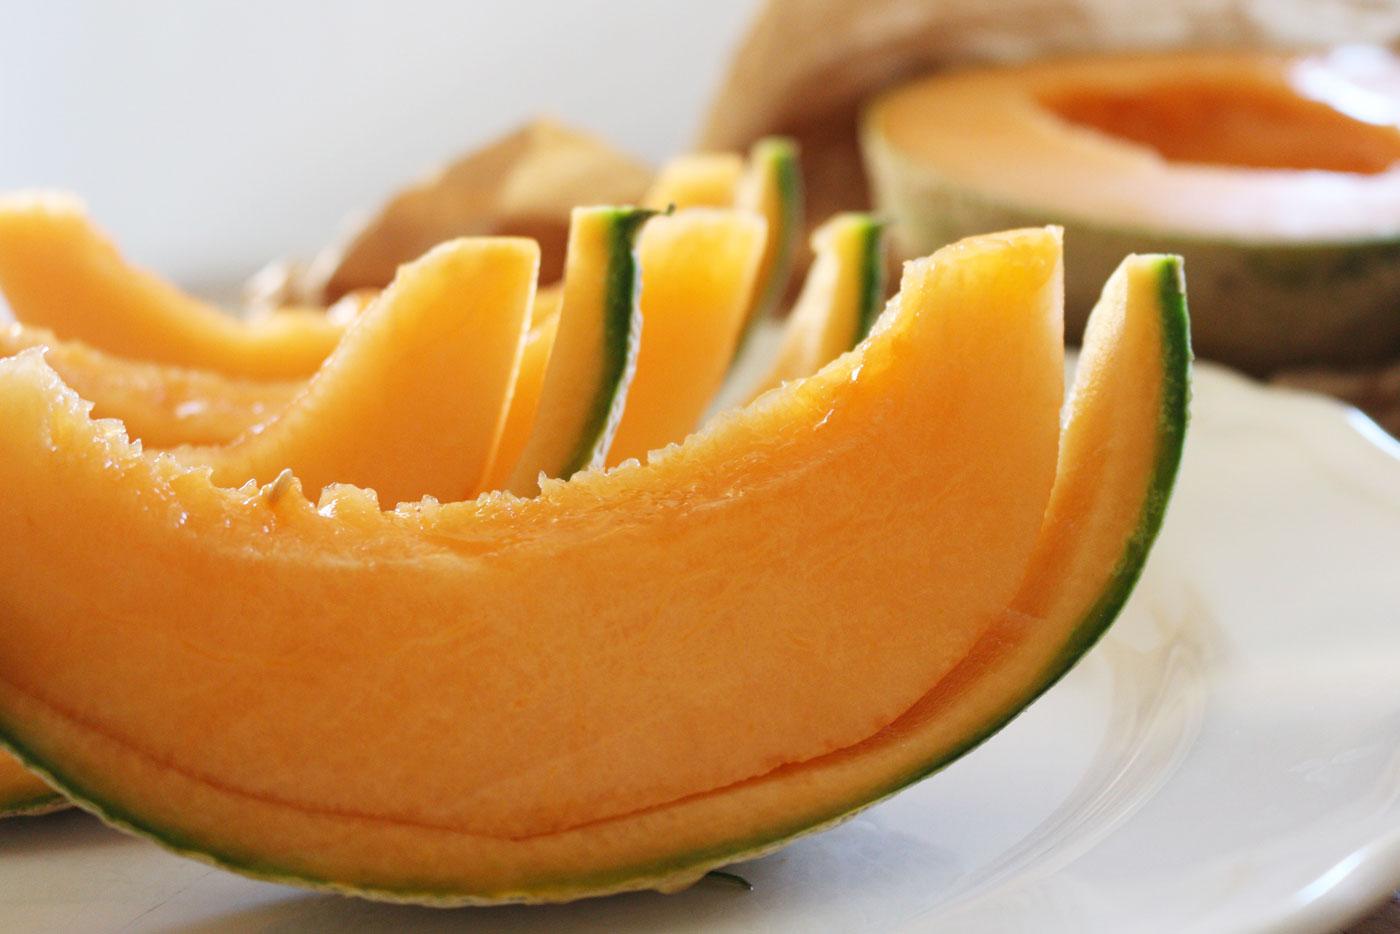 Melone mangiarlo e servirlo tasteofrunway - Si mette in tavola si taglia ma non si mangia ...